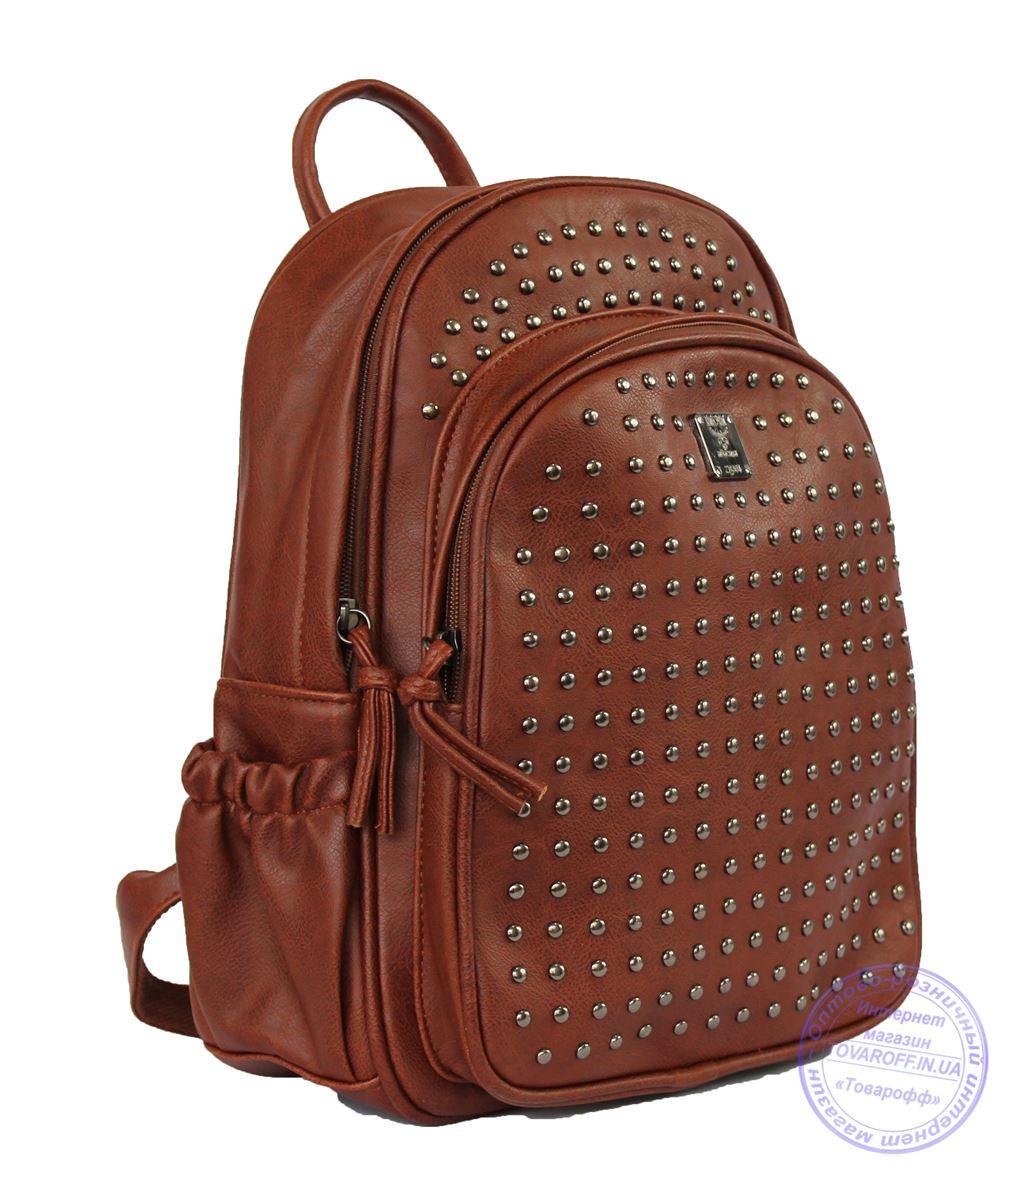 Оптом Рюкзак с шипами небольшого формата - рыжий - 7319